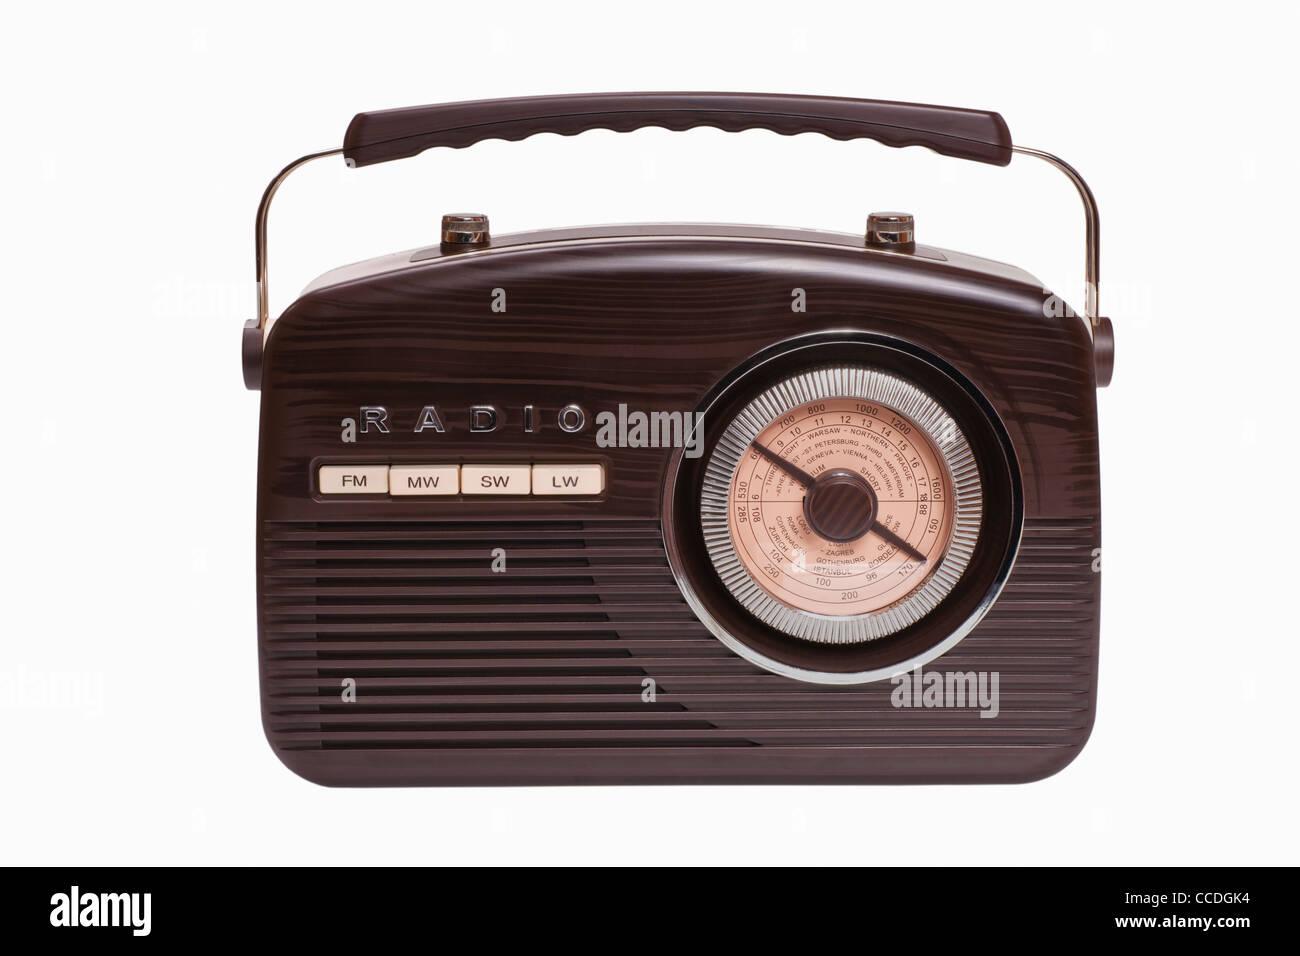 Detailansicht eines alten Radios   Detail photo of a old radio - Stock Image